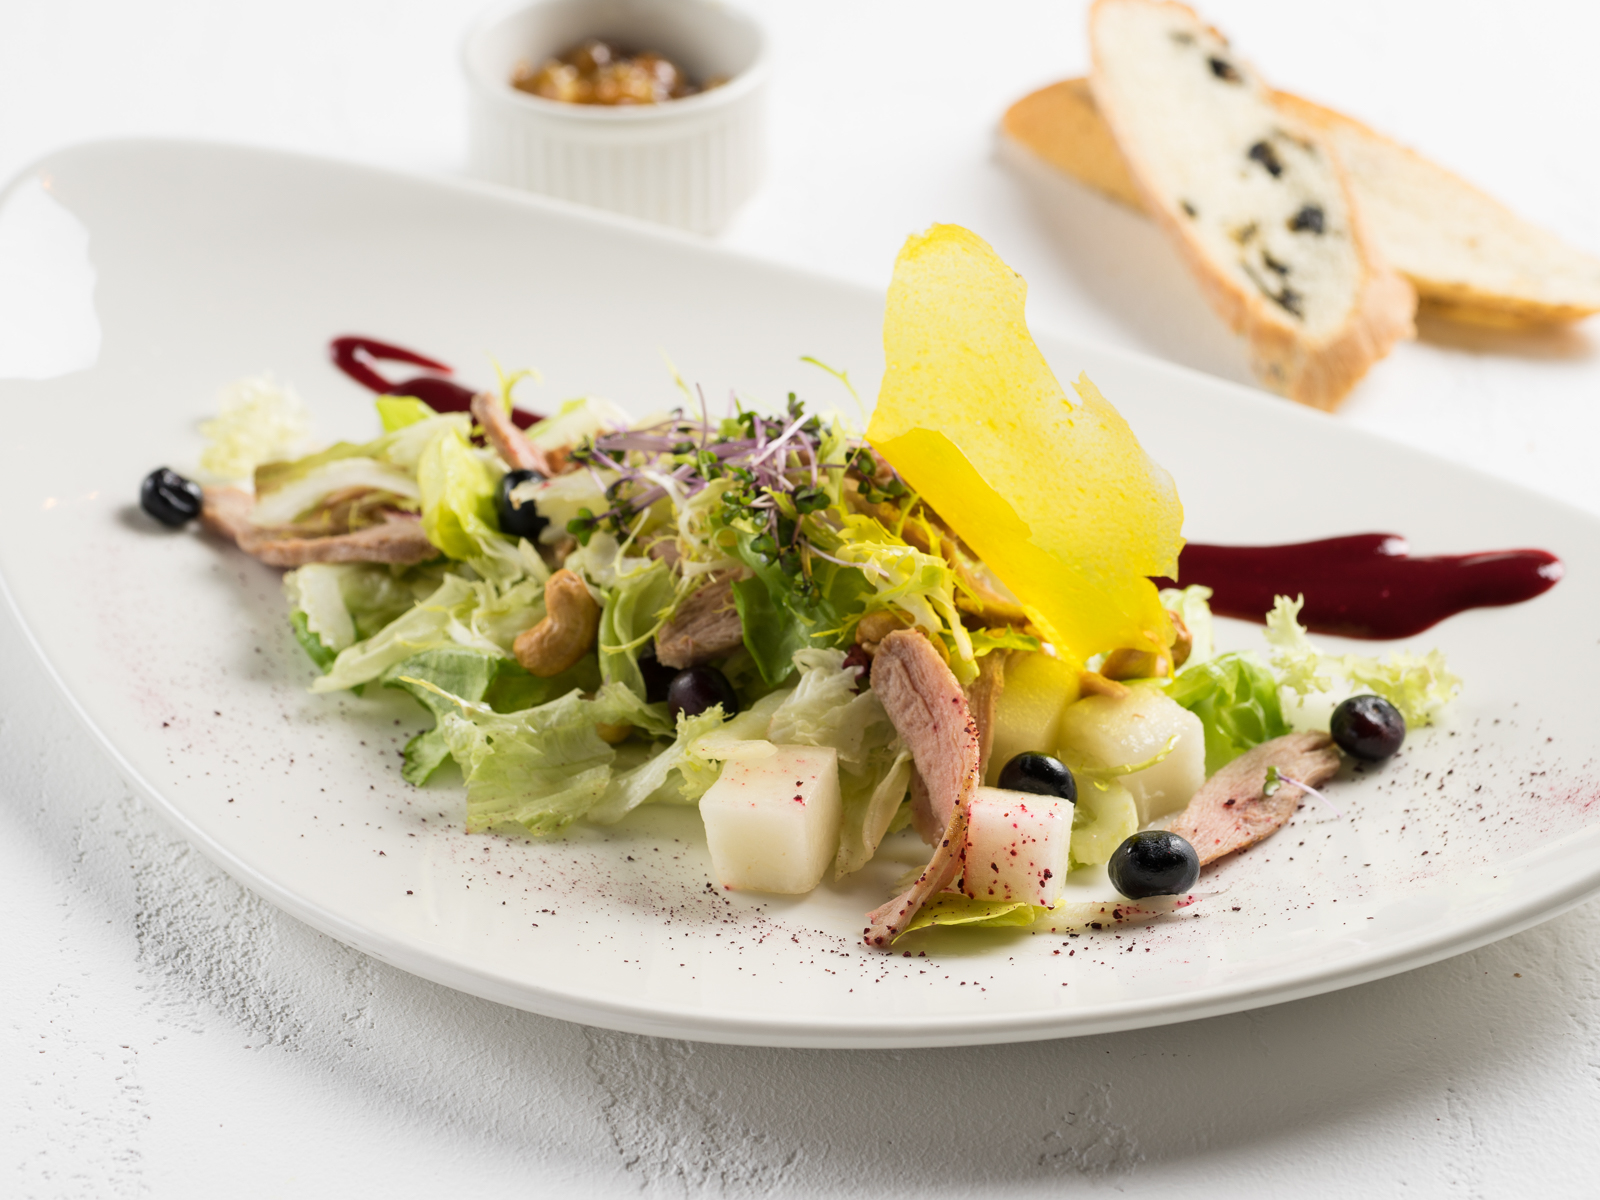 Салат с утиной грудкой су-вид и ягодным соусом